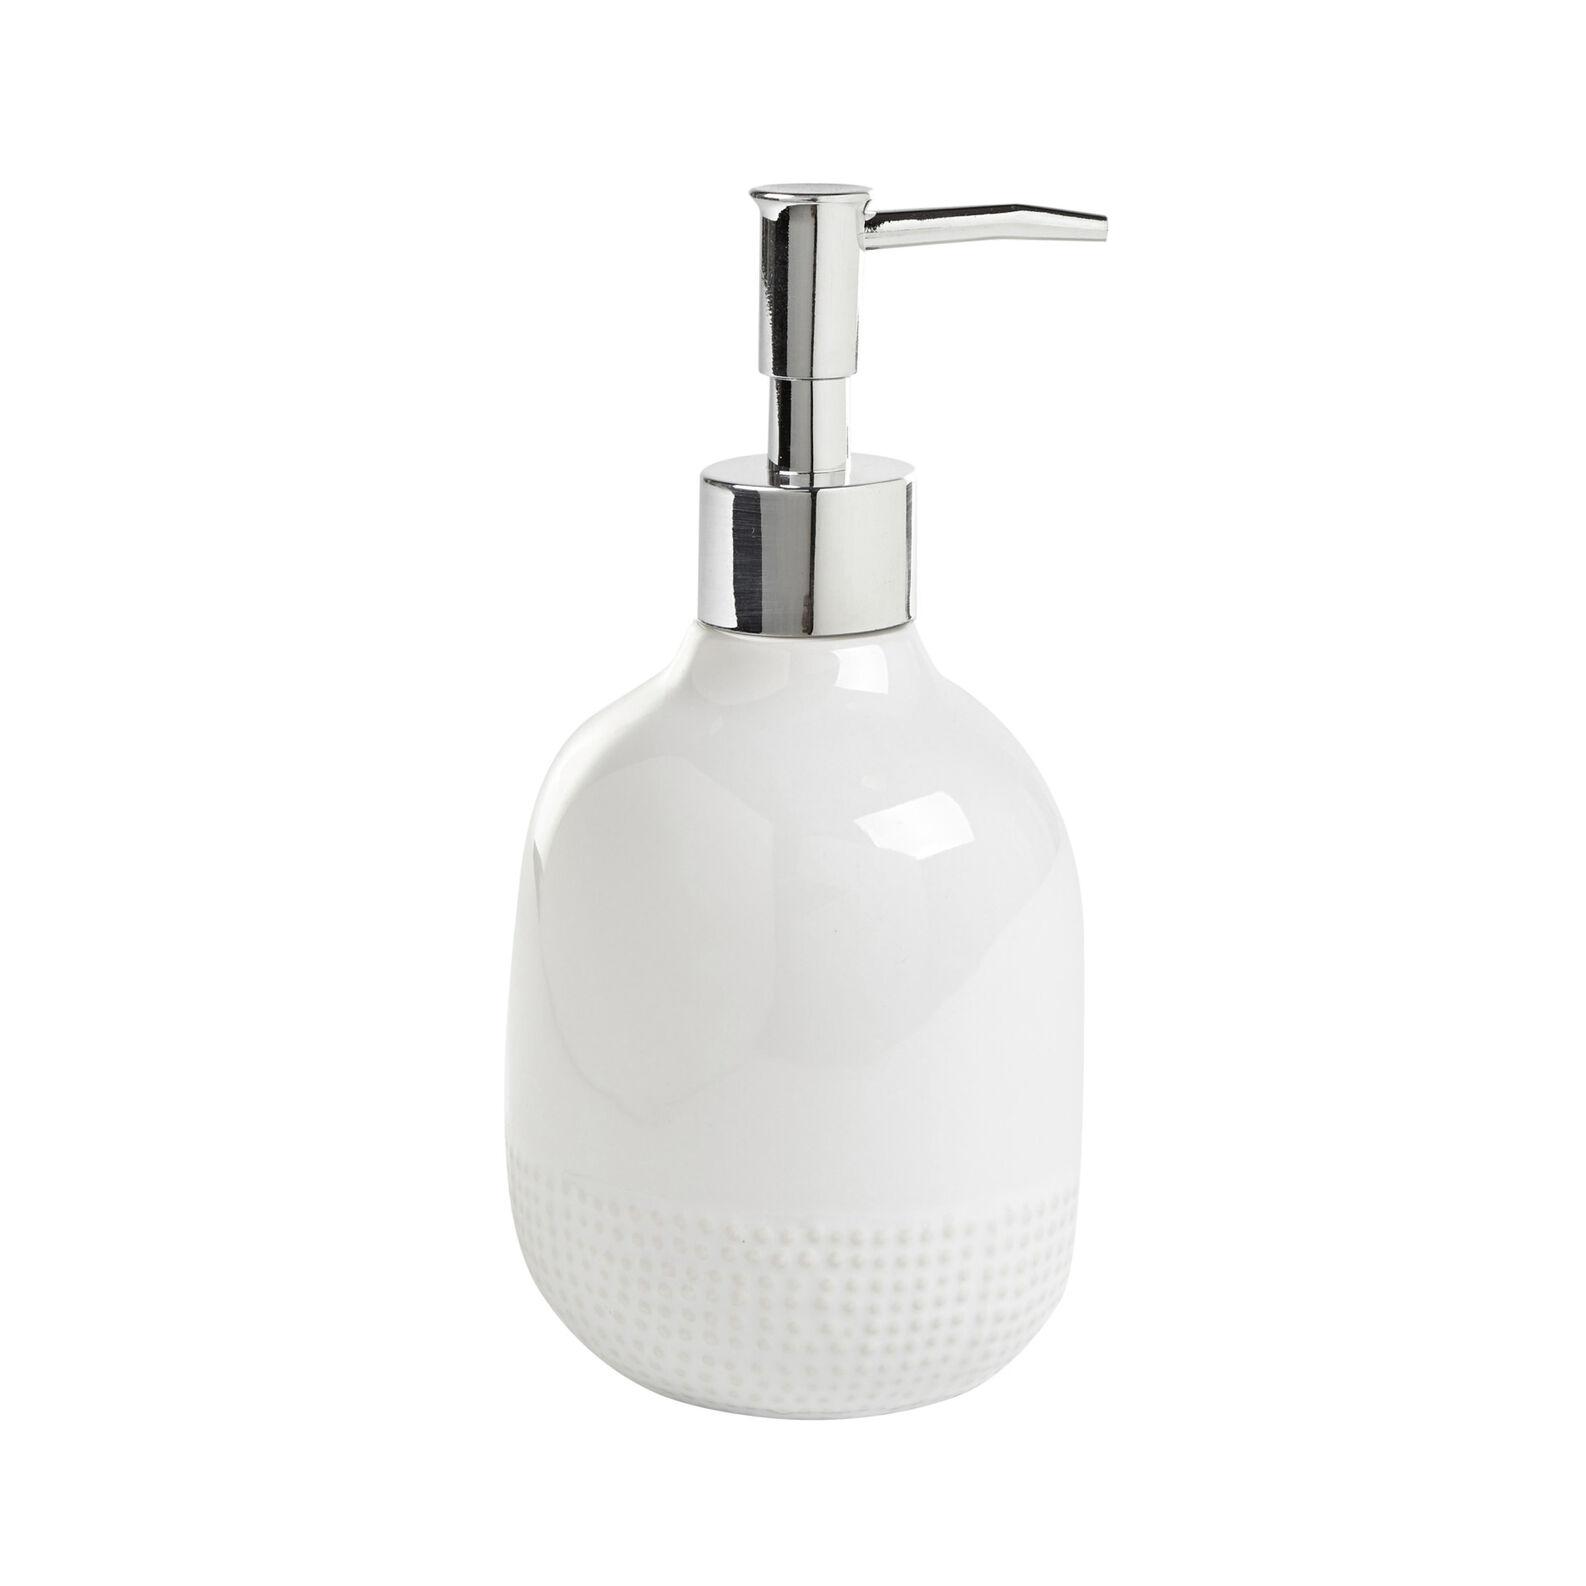 Dots Ceramic Soap Dispenser Coincasa